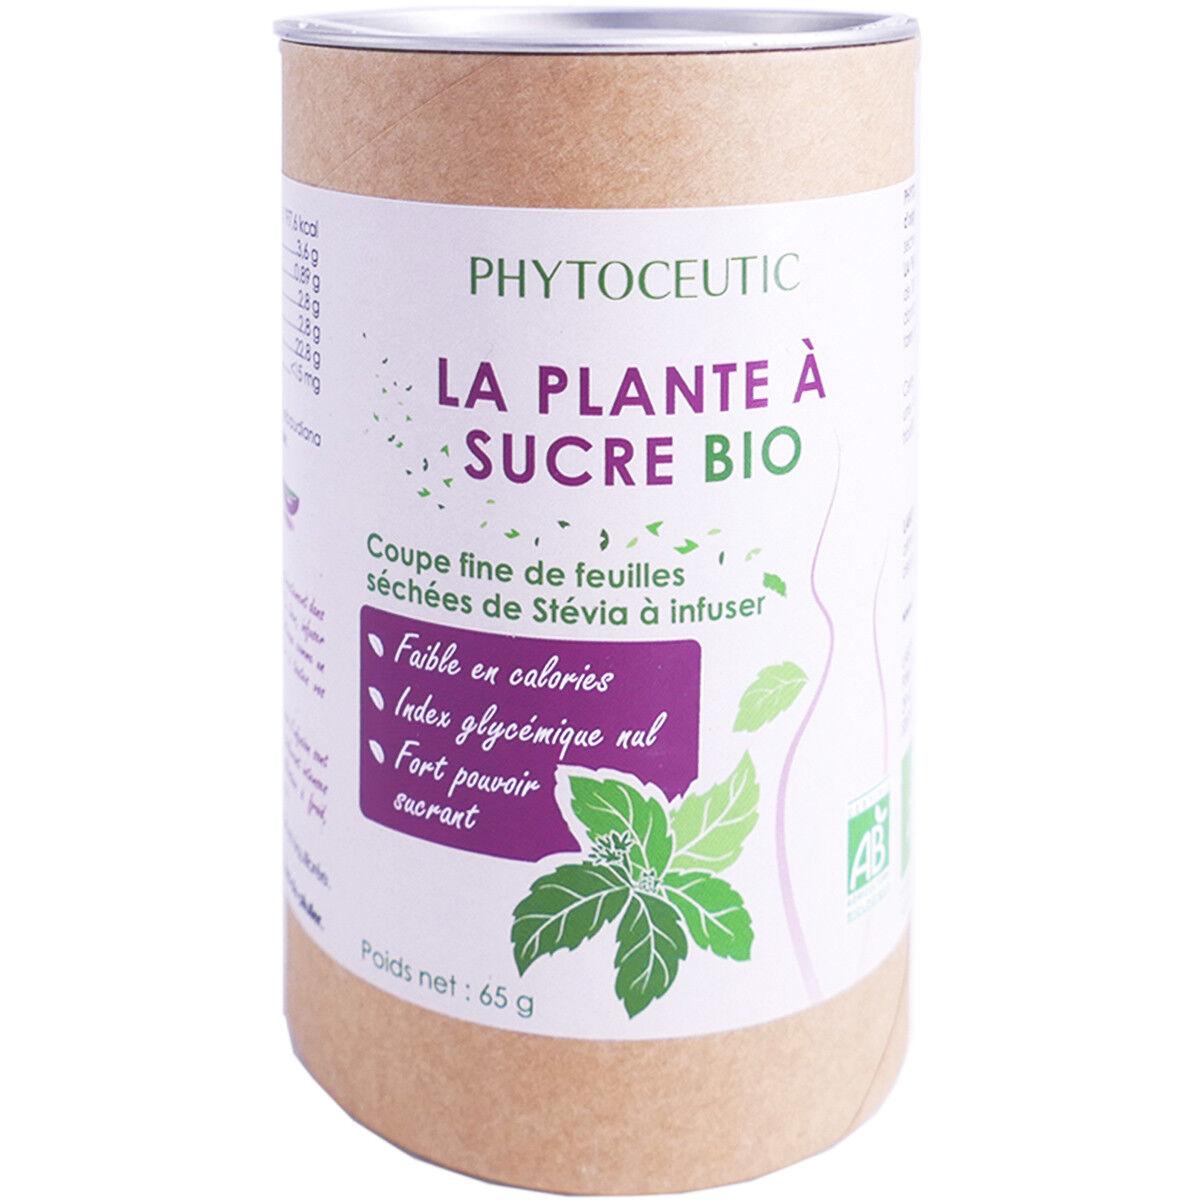 Phytoceutic la plante a sucre bio 65g